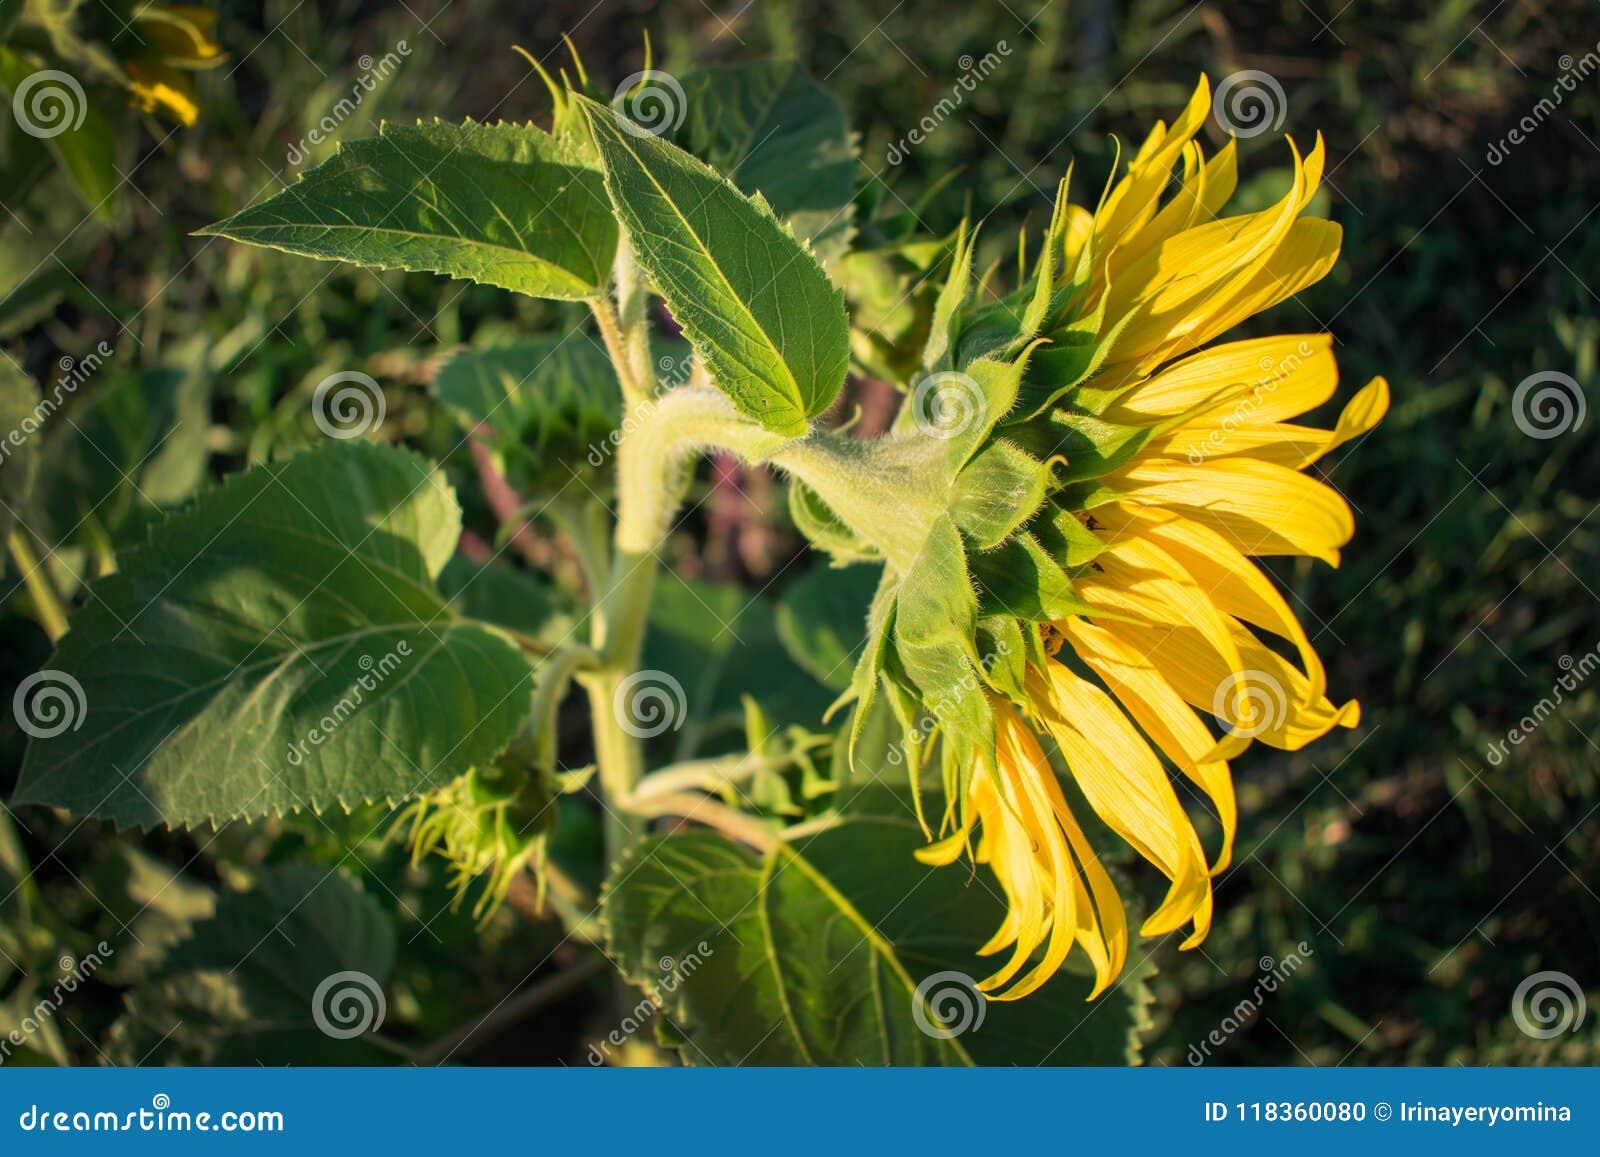 Fleur jaune lumineuse de tournesol sur un fond des feuilles vertes